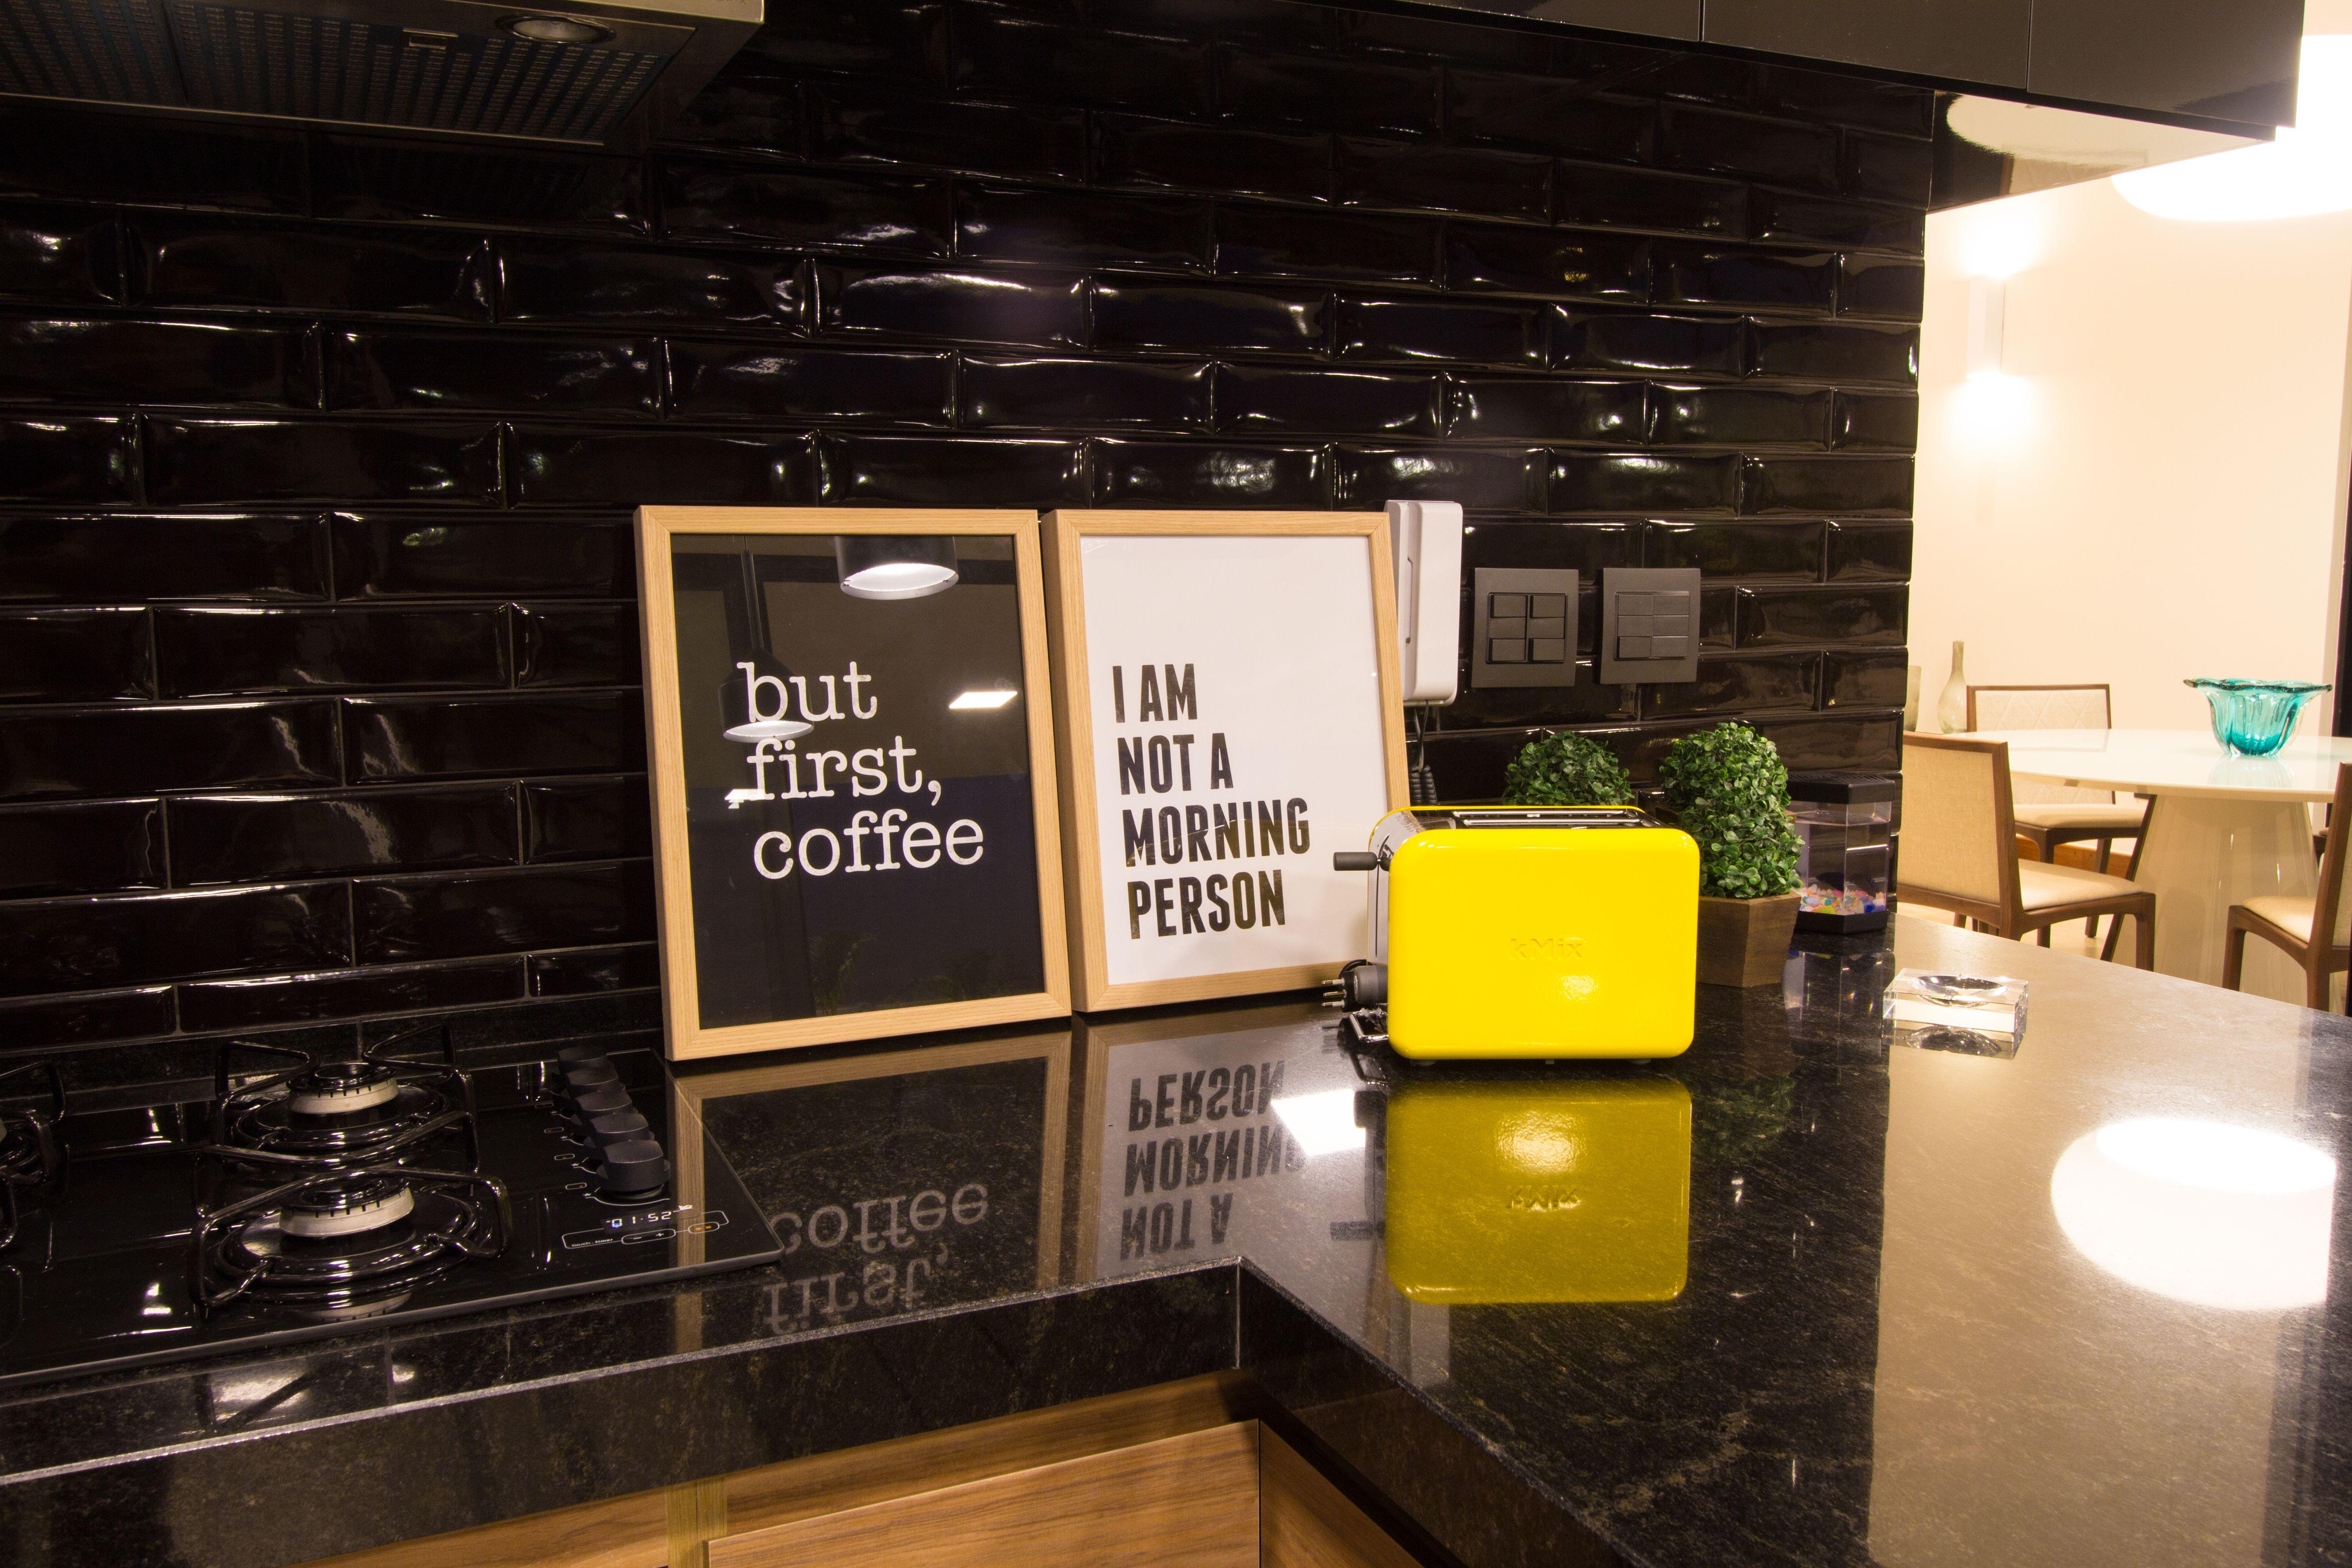 Tijolinhos Black Da Linha Liverpool Portobello Dao Personalidade Aos Ambientes Integrados Ambiente Cozinhas Liverpool